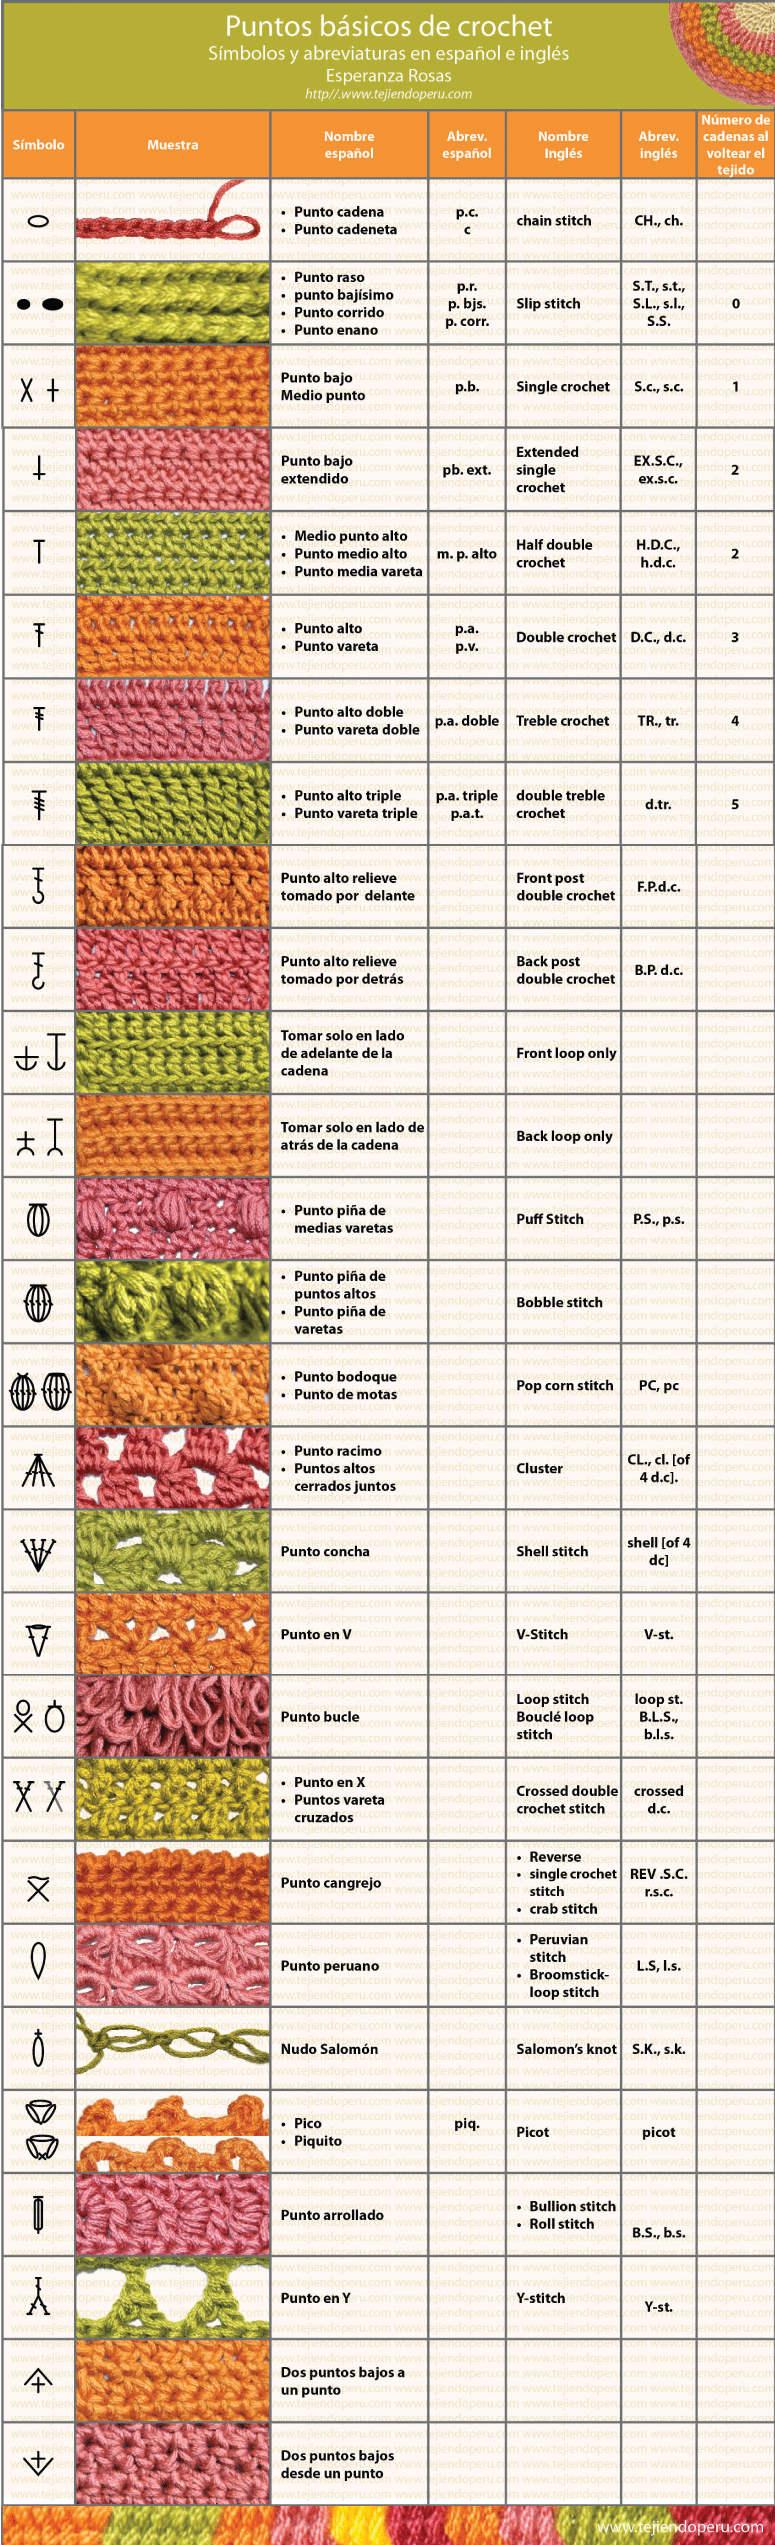 Abreviaturas en español e inglés de crochet | Tejer